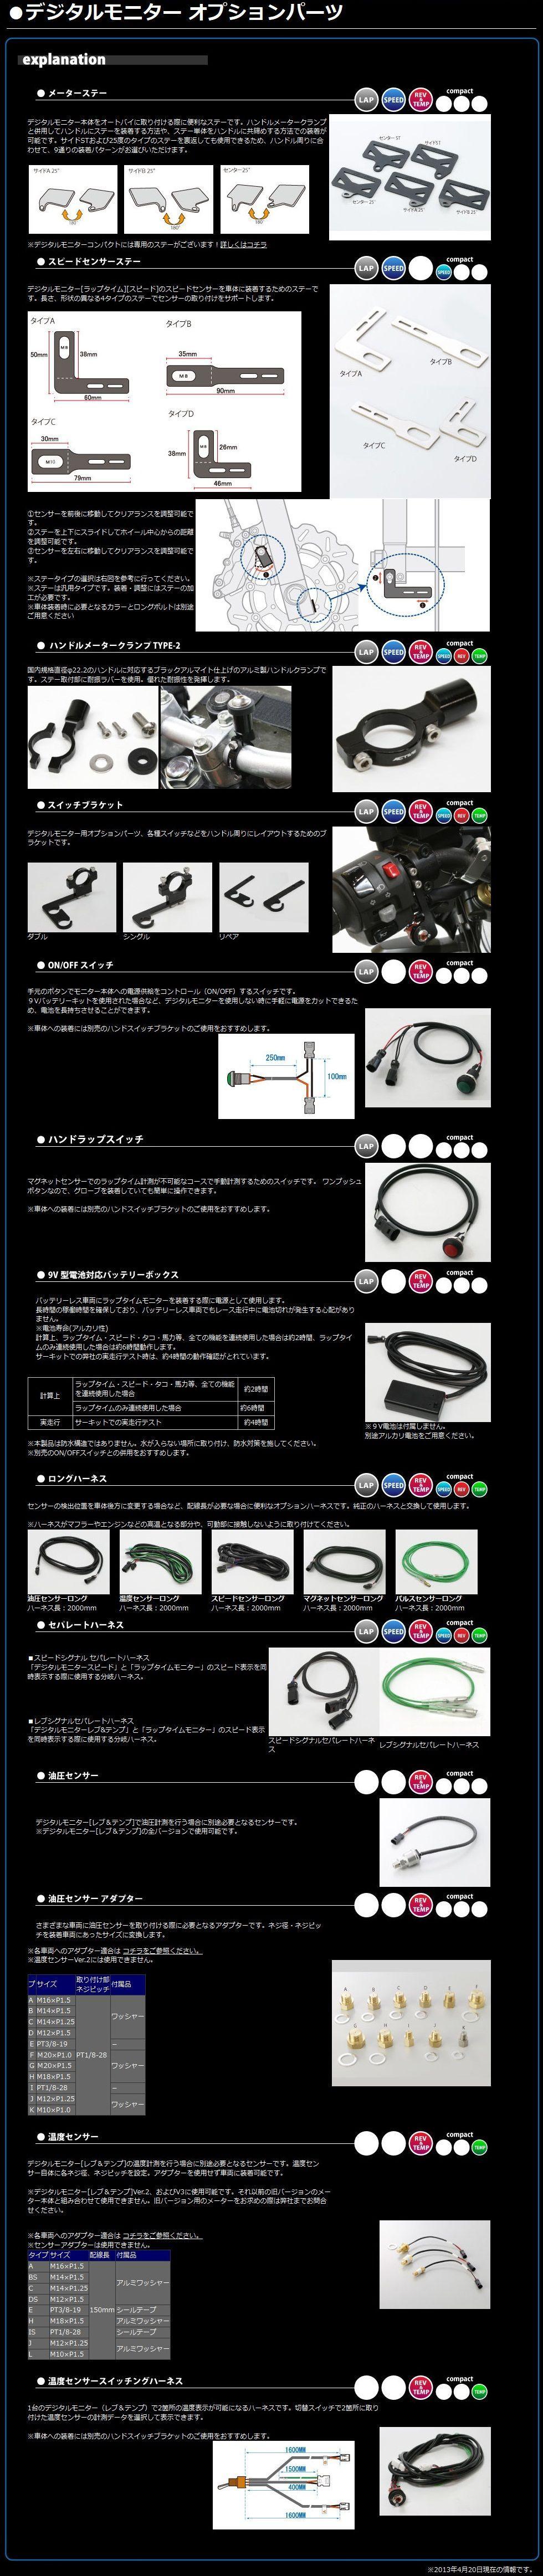 【ACTIVE】電源用排線(0.5m) - 「Webike-摩托百貨」